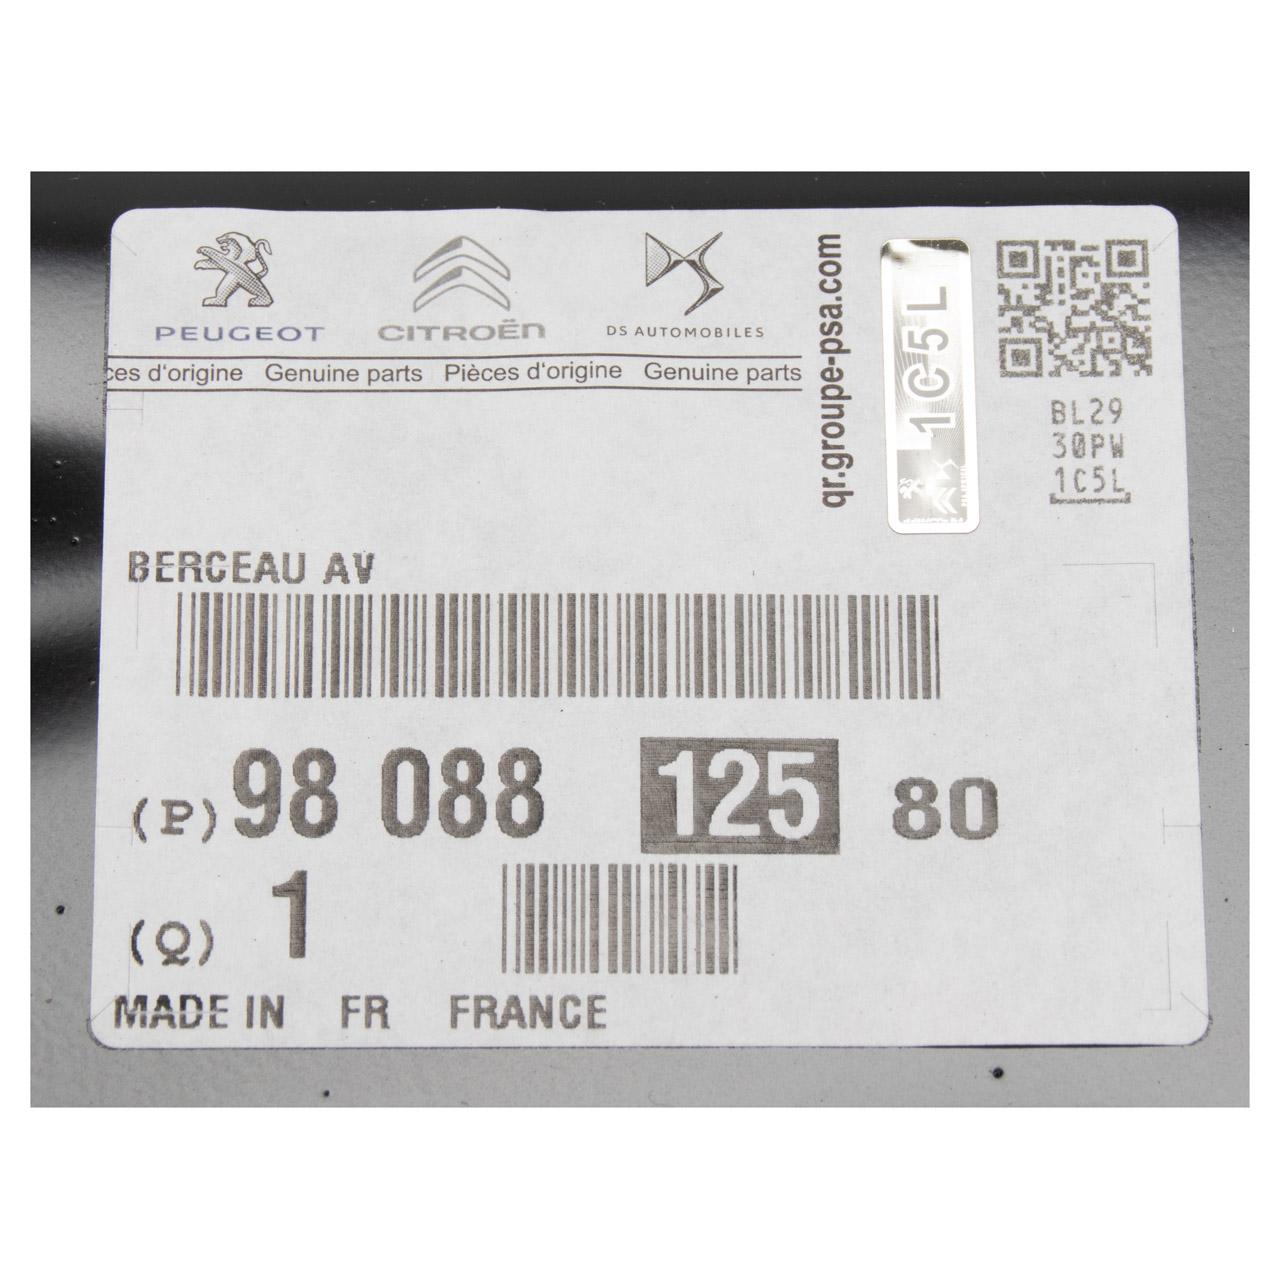 ORIGINAL Citroen Peugeot Achskörper Achsträger Berlingo 5008 2 Partner Rifter 9808812580